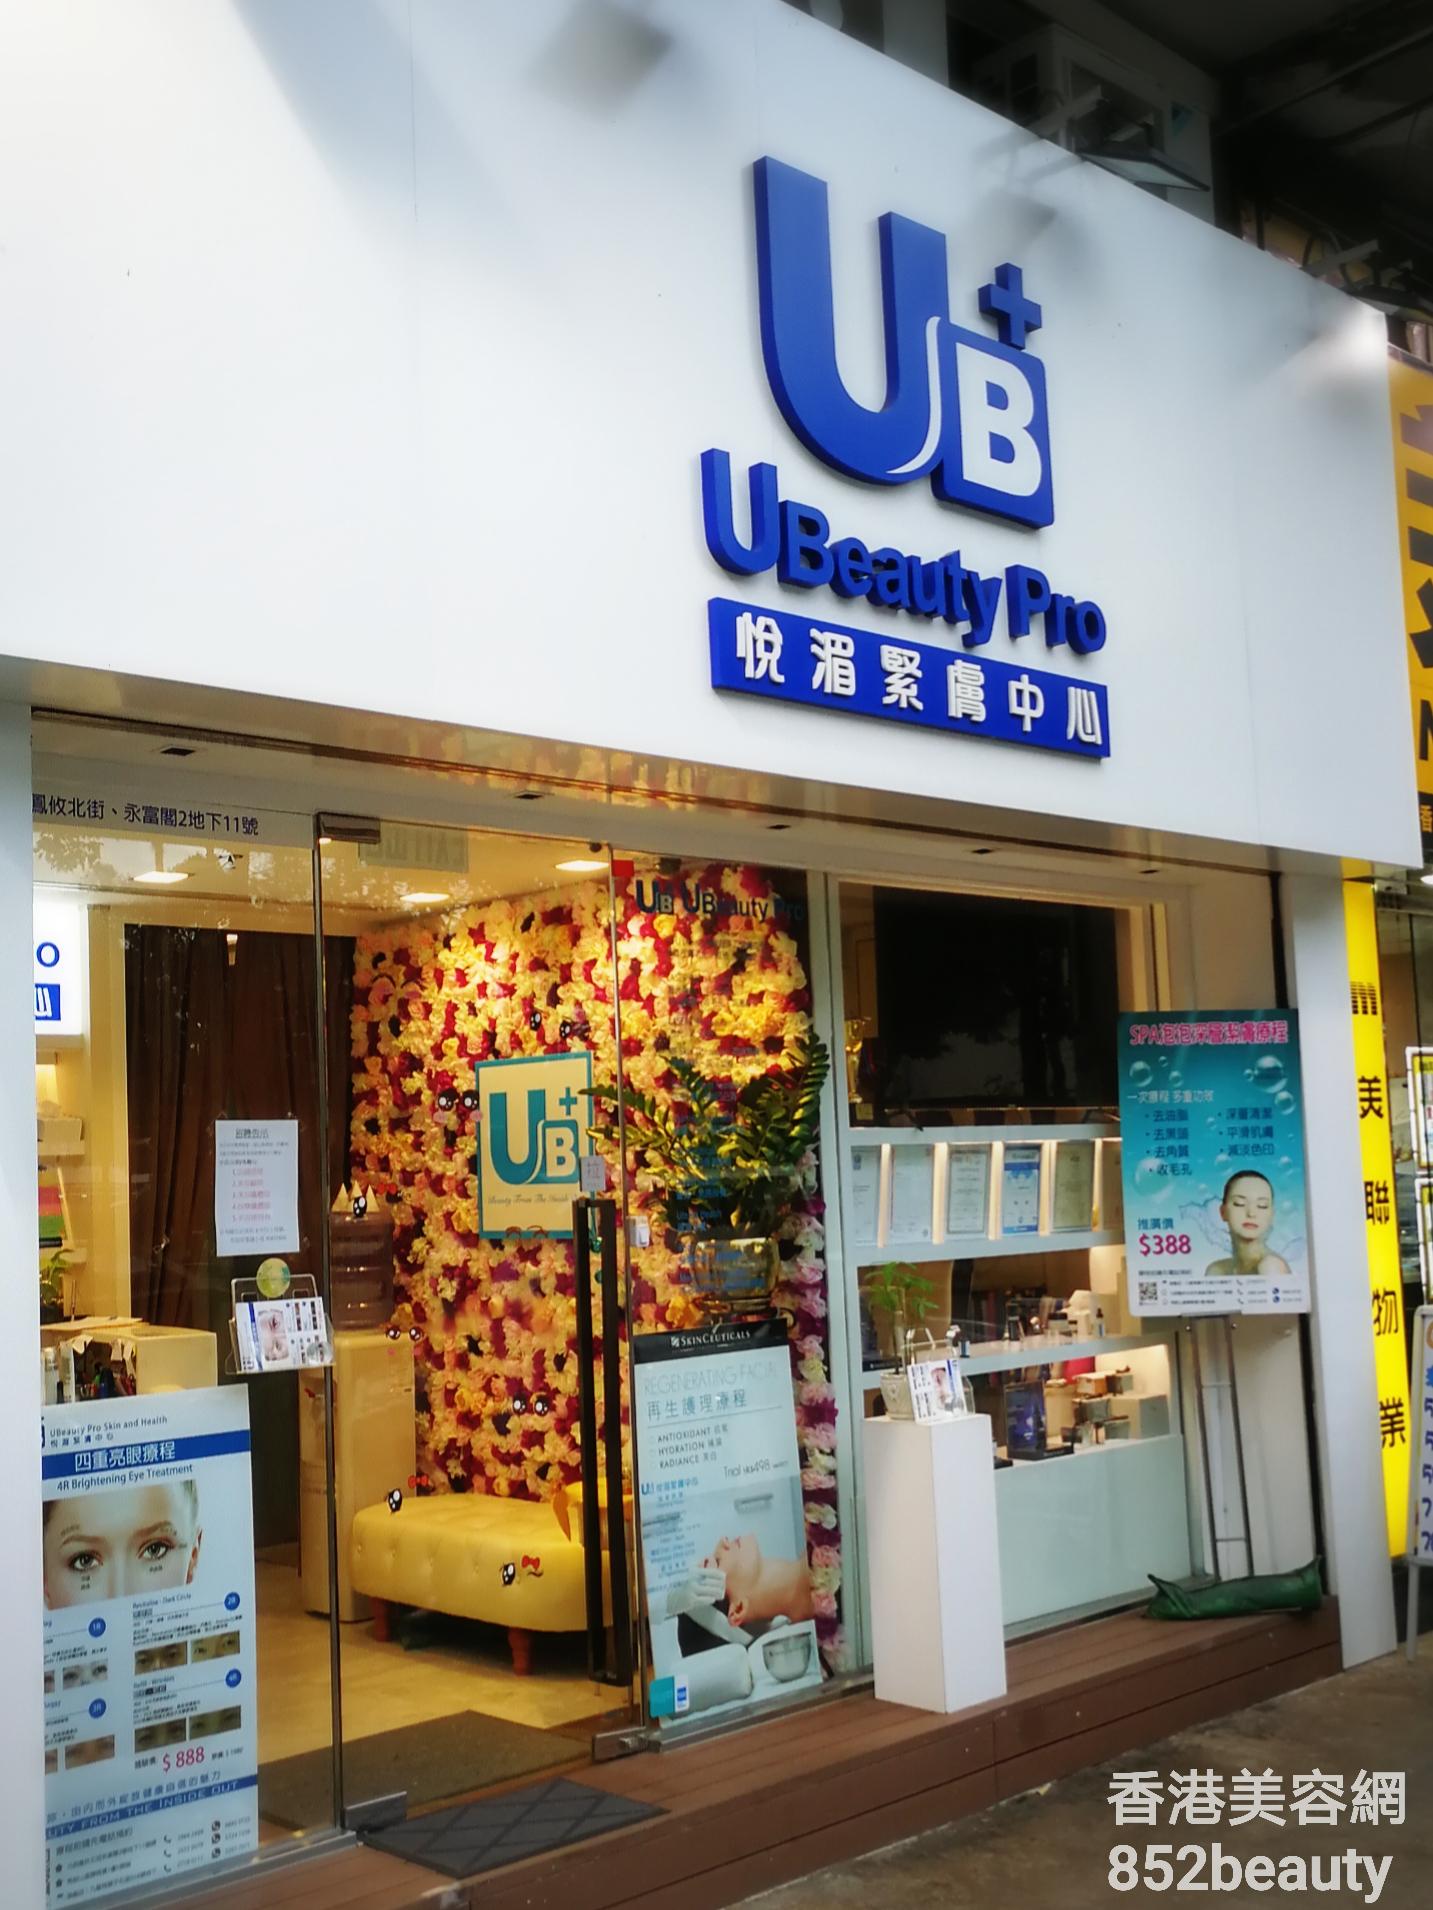 香港美容院 美容師 : Ubeauty Pro (元朗店) @青年創業軍